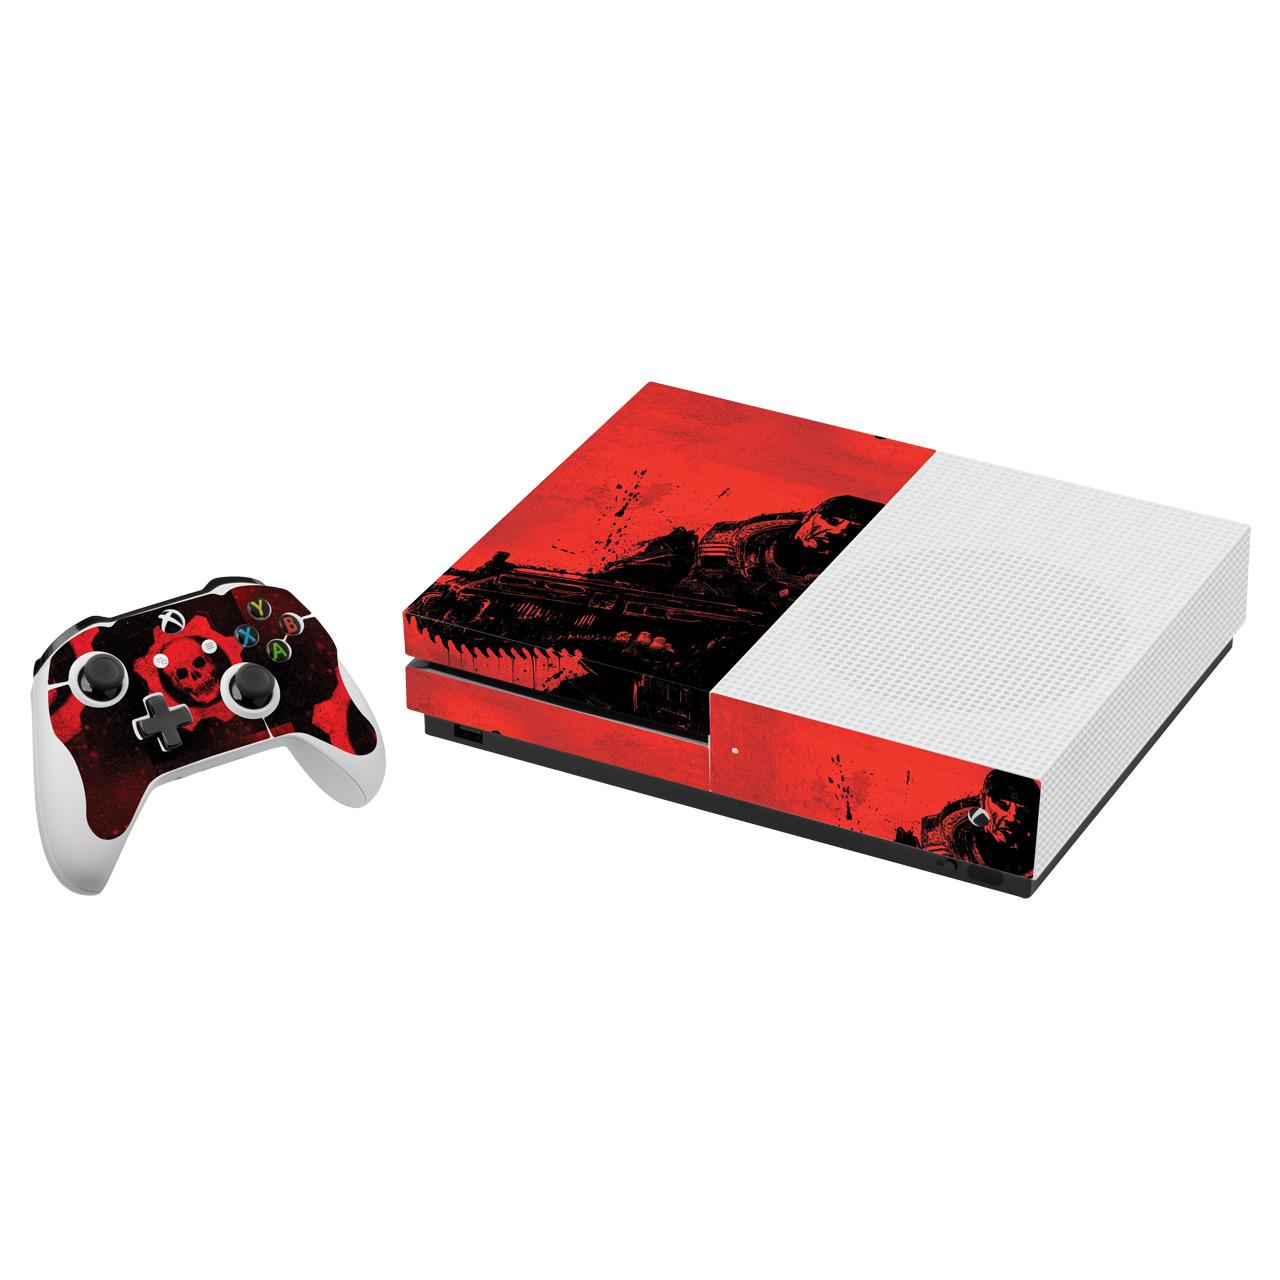 برچسب ایکس باکس One S گراسیپا طرح Gears Of War کد ۰۳ بسته ۲ عددی